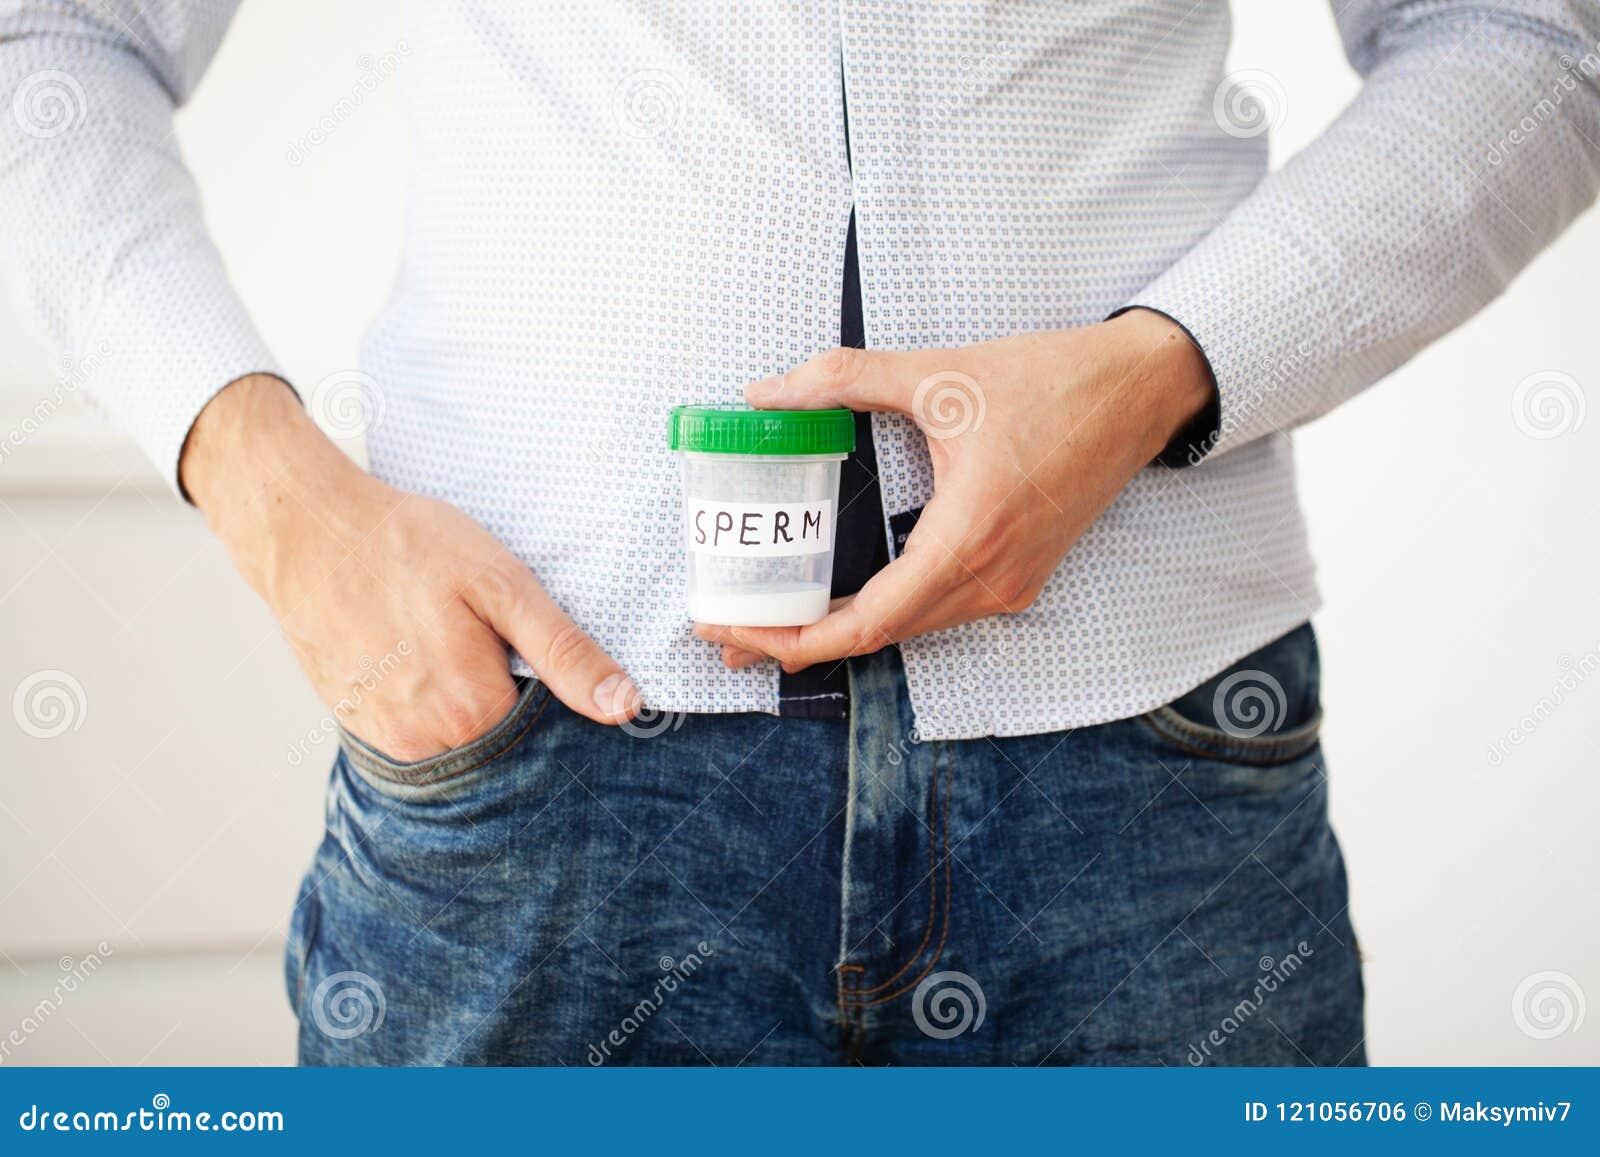 Salud Esperma de la muestra Concepto del cierre de la esperma dispensadora de aceite de esperma del banco I